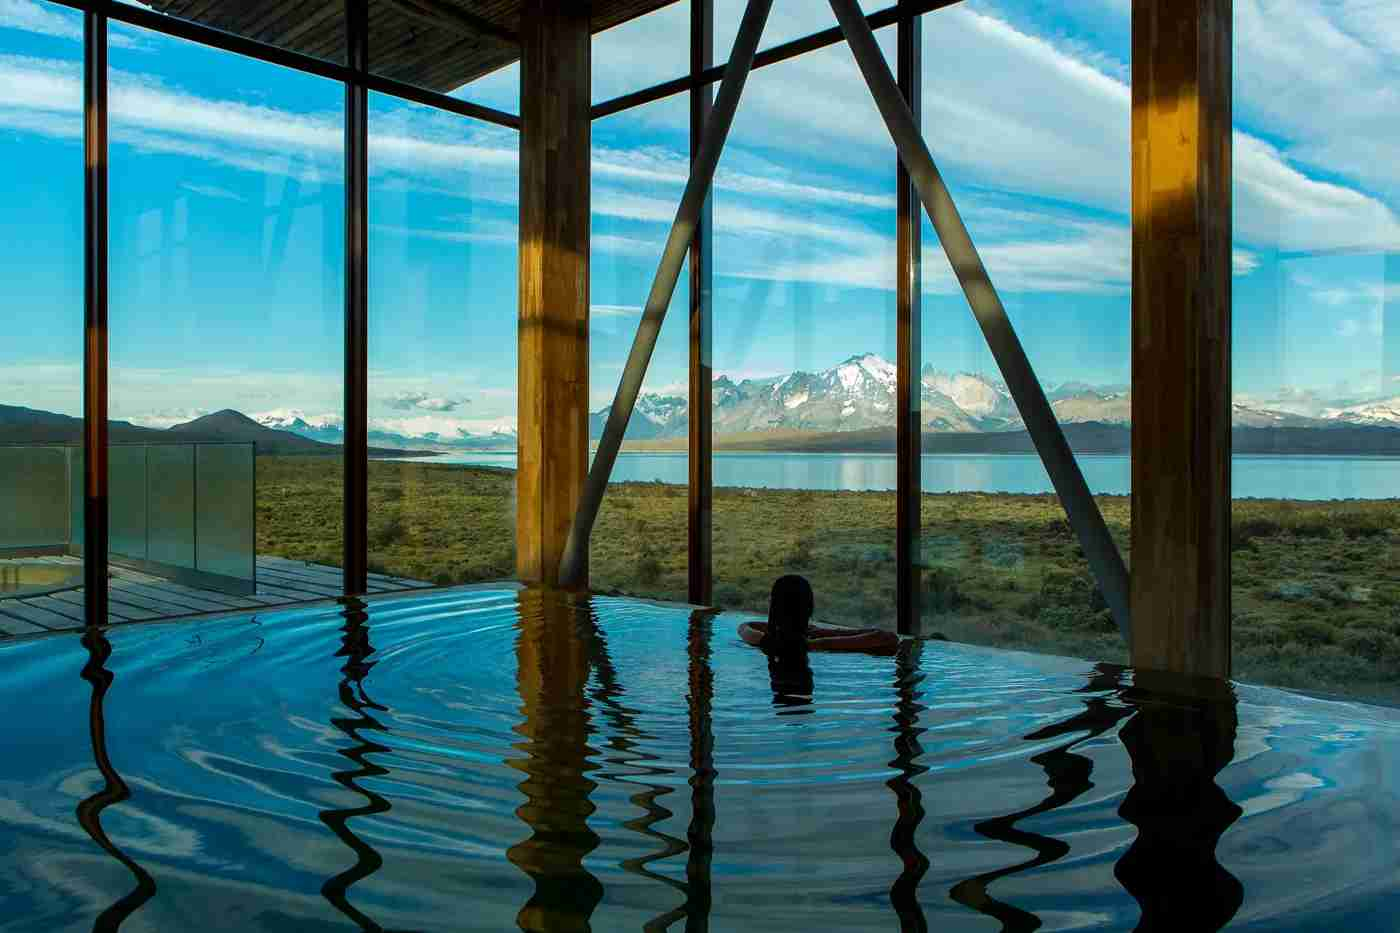 (Photo courtesy of Tierra Patagonia)